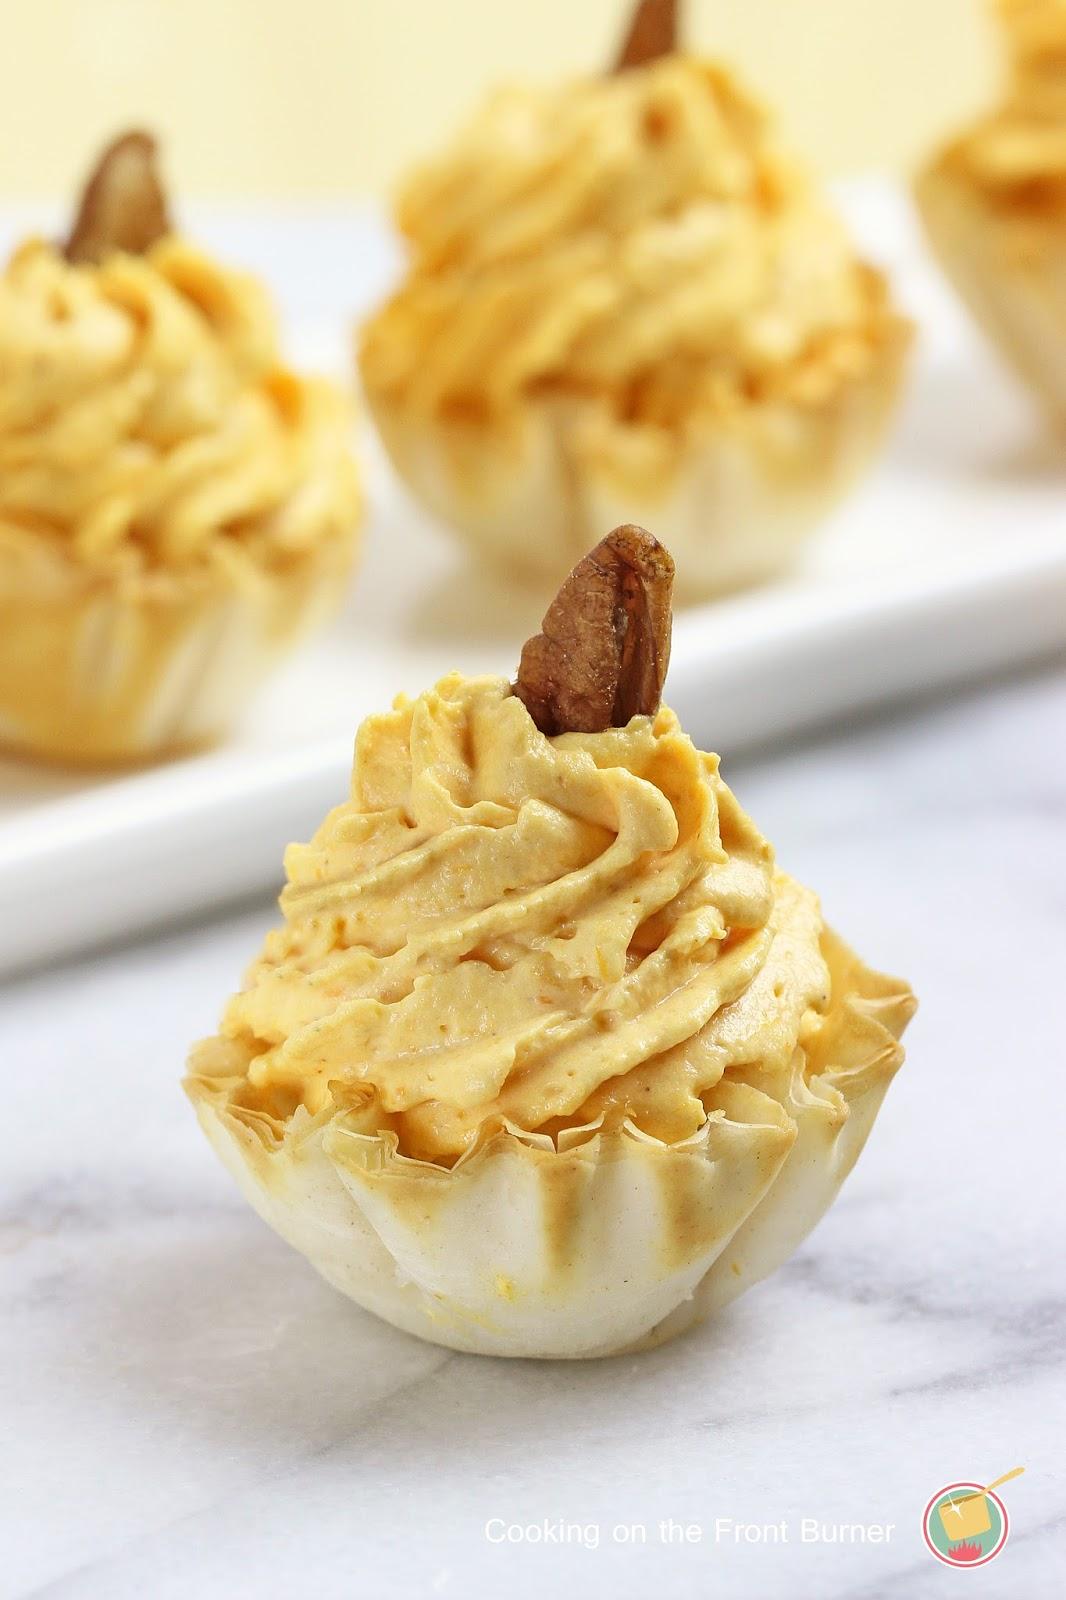 No-Bake Pumpkin Bites | Cooking on the Front Burner